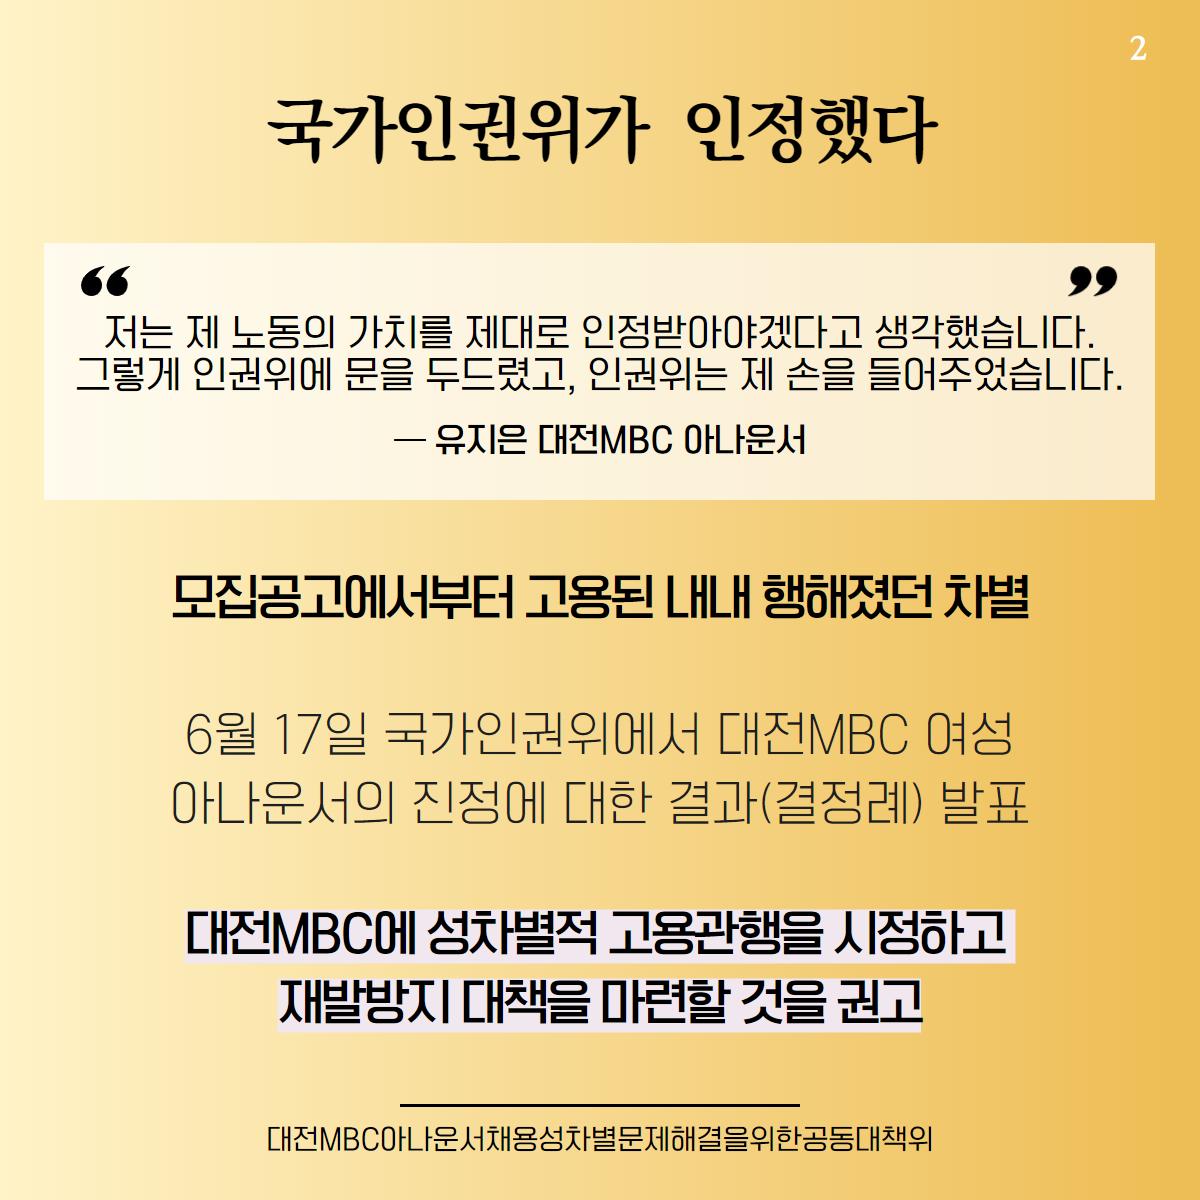 대전MBC_인권위결정2-2.png